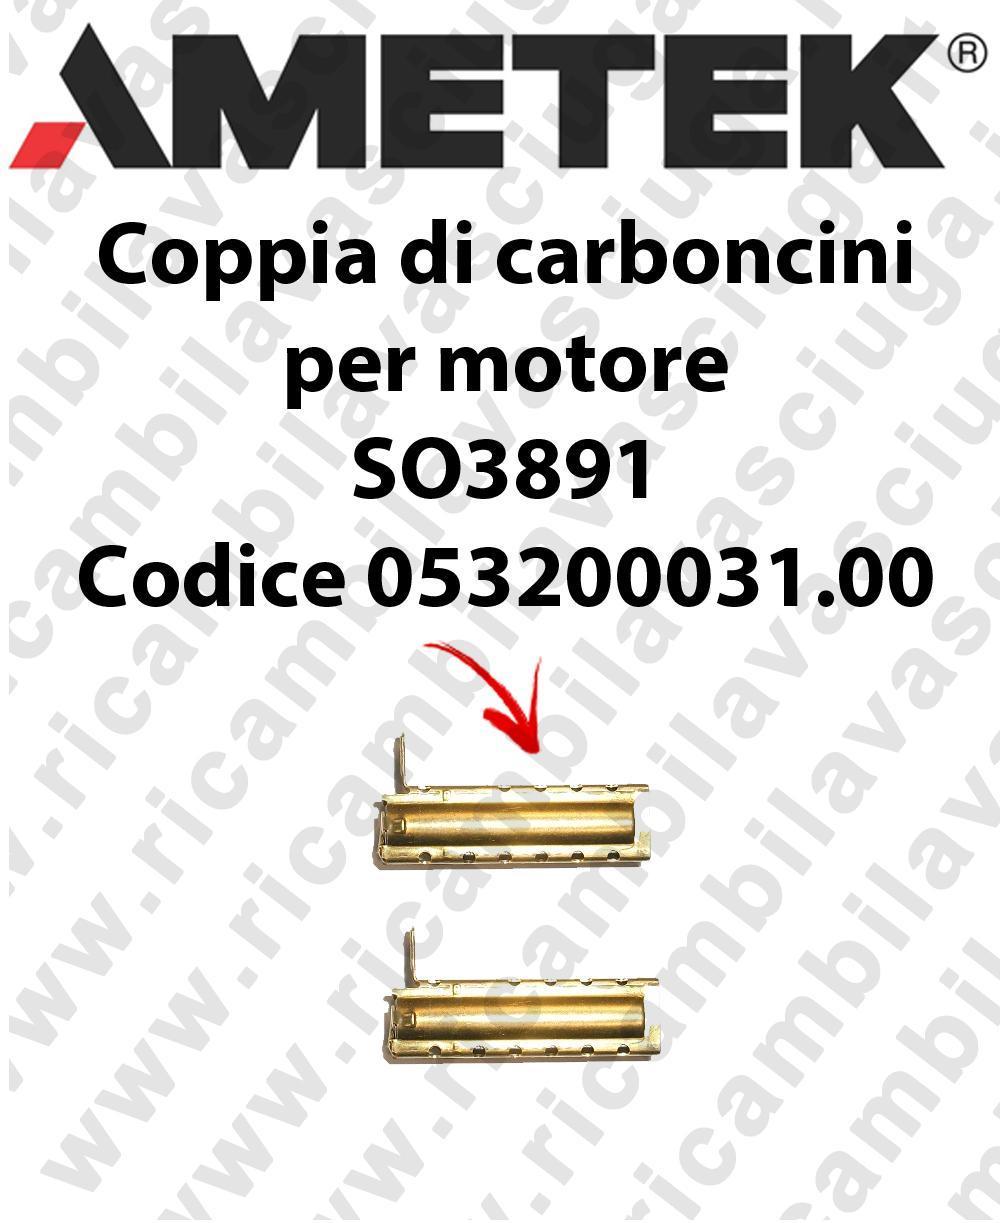 053200031.00 Paar Motorbürsten für motor AMETEK SO3891